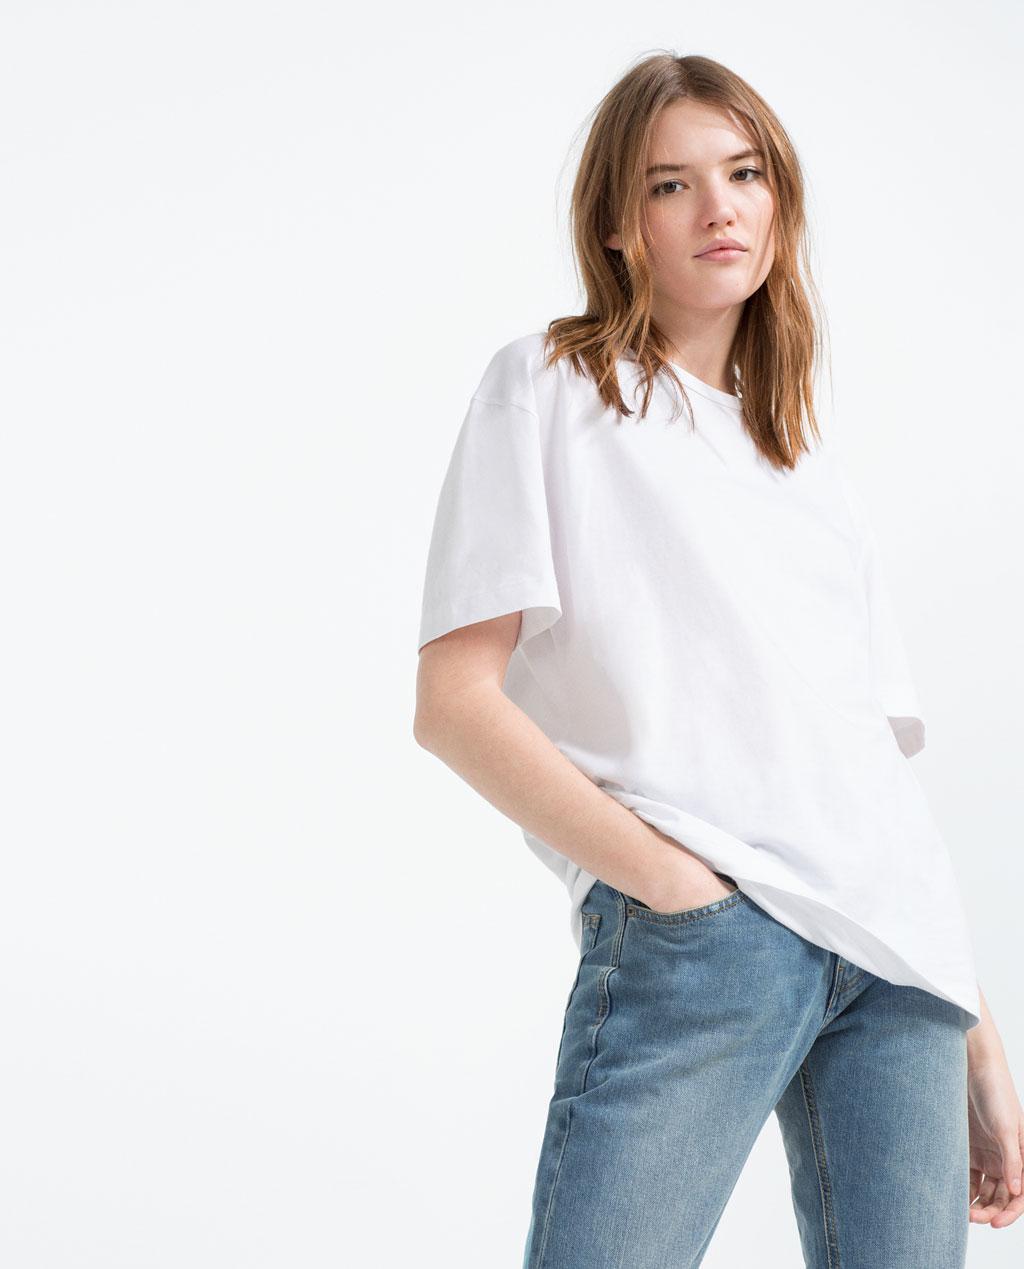 Zara lanza su primera colección unisex-401-loretogordo